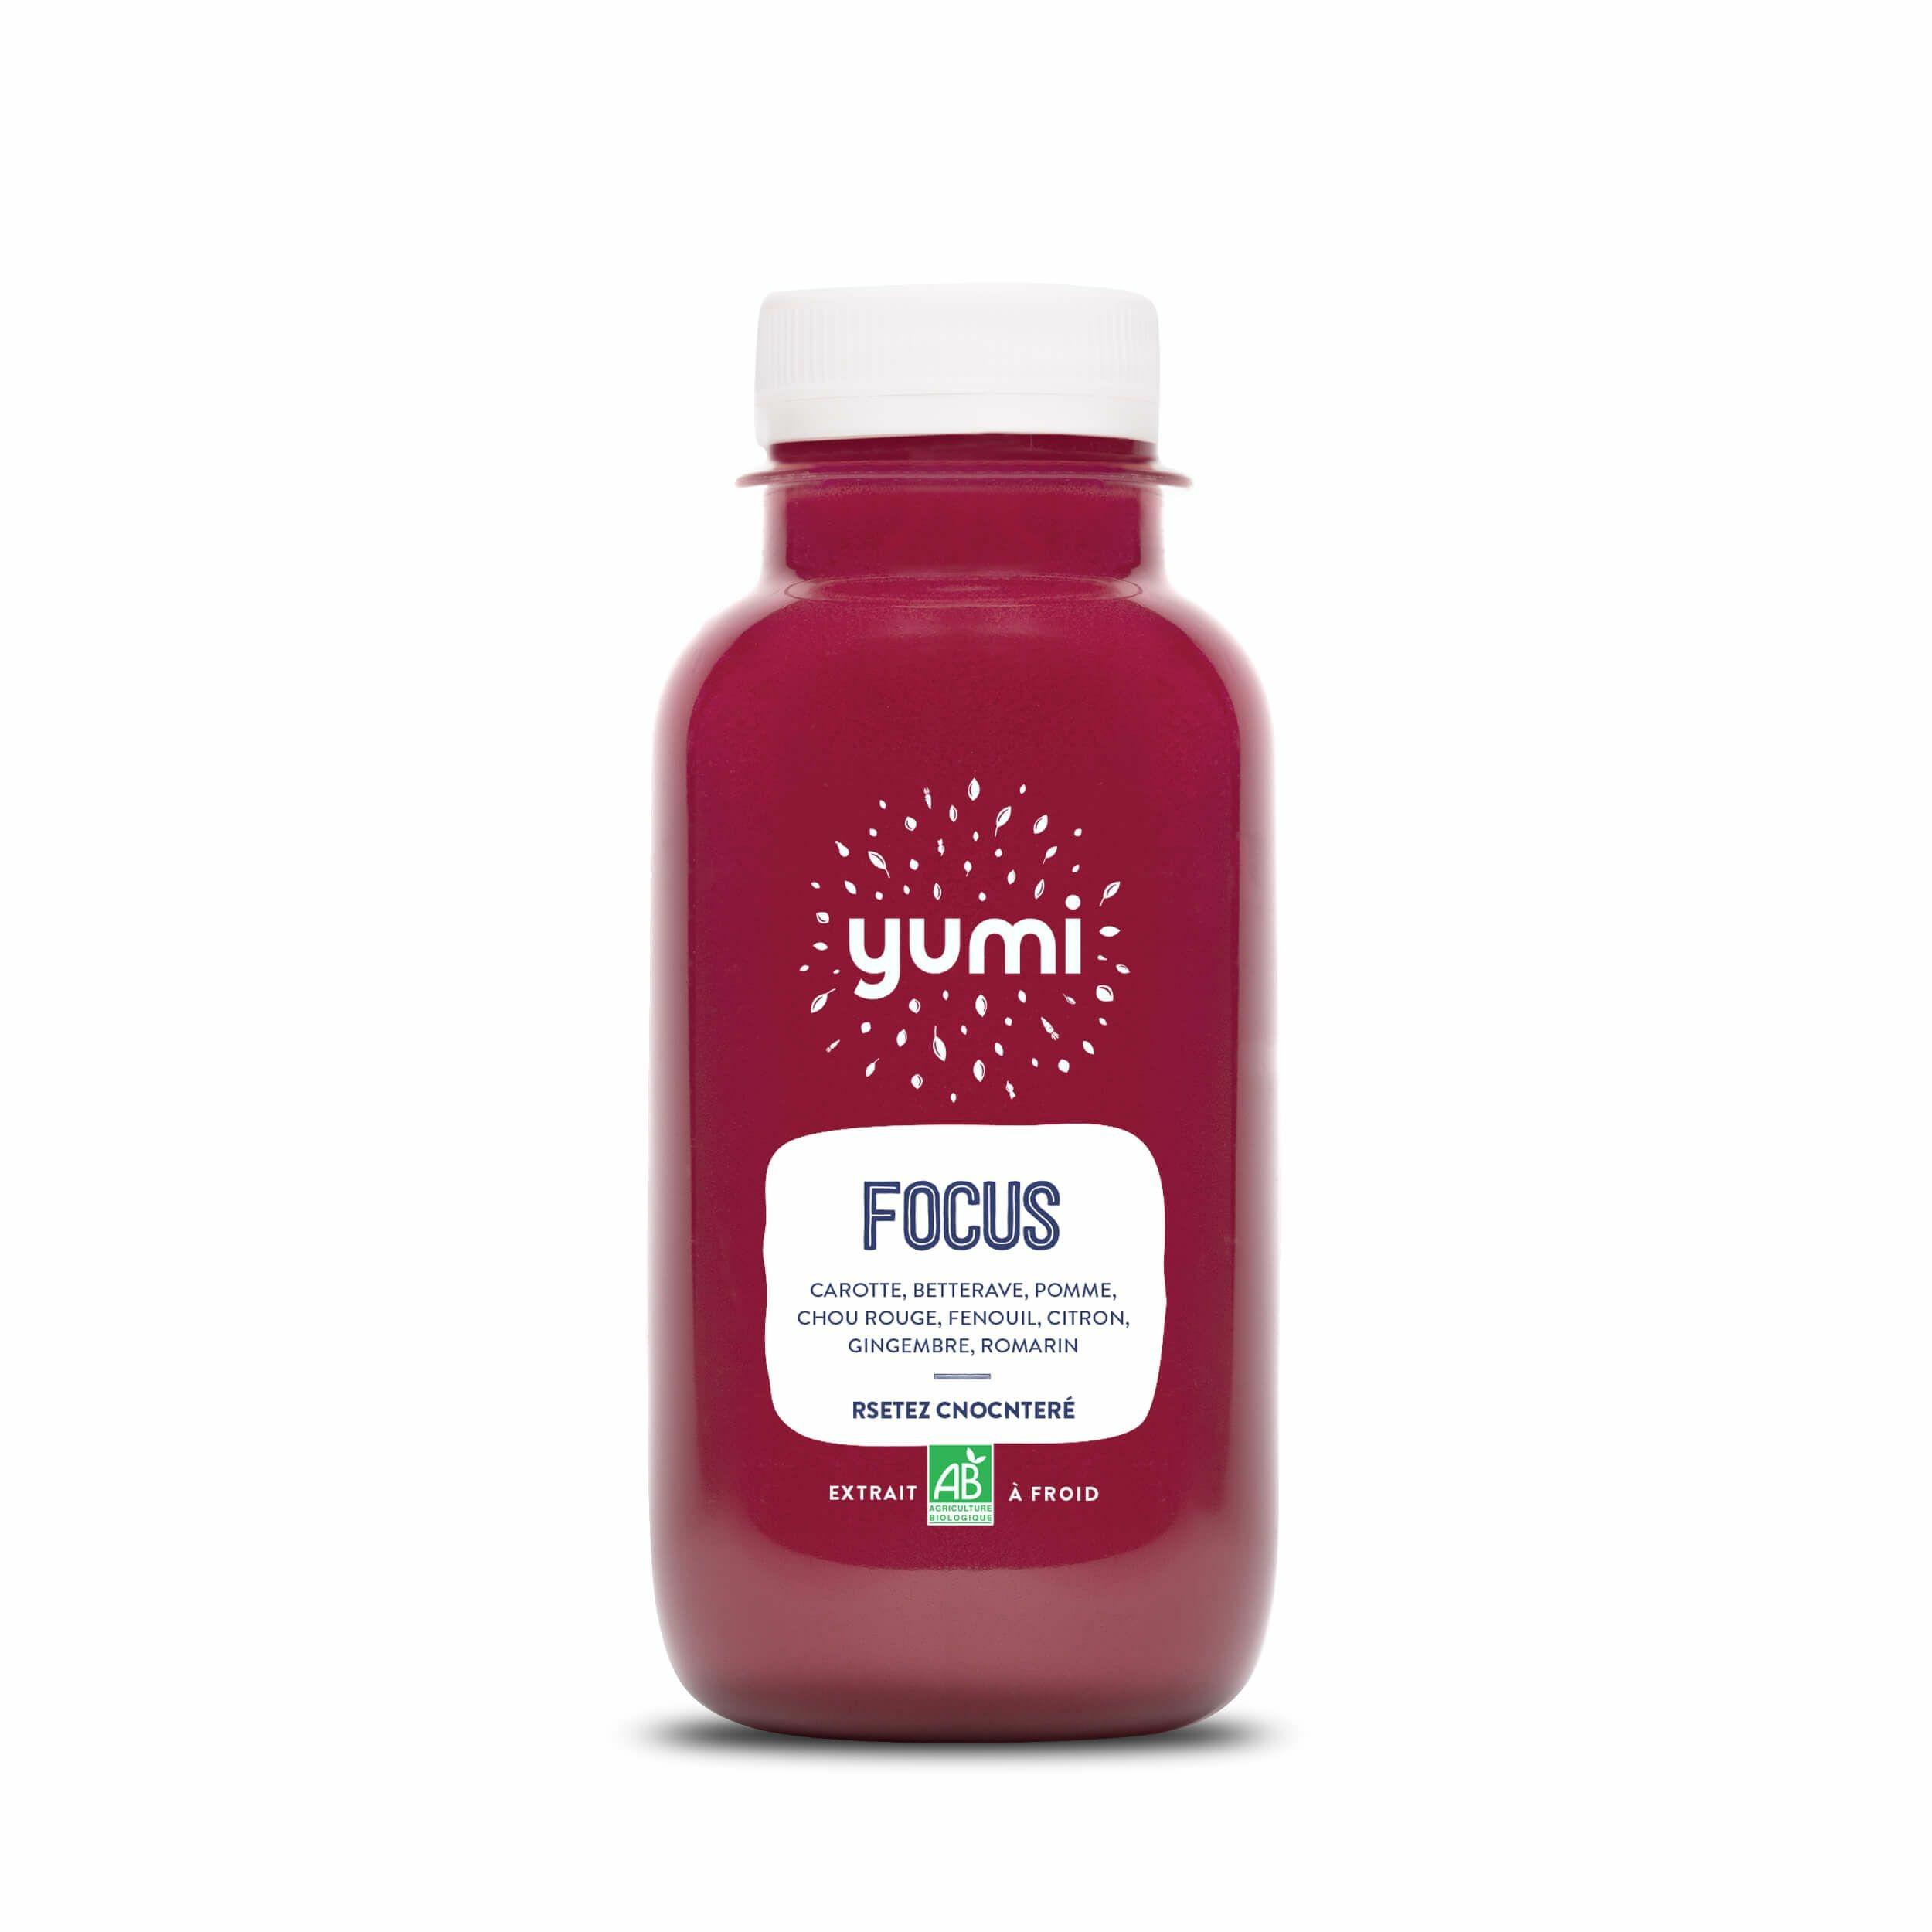 yumi focus